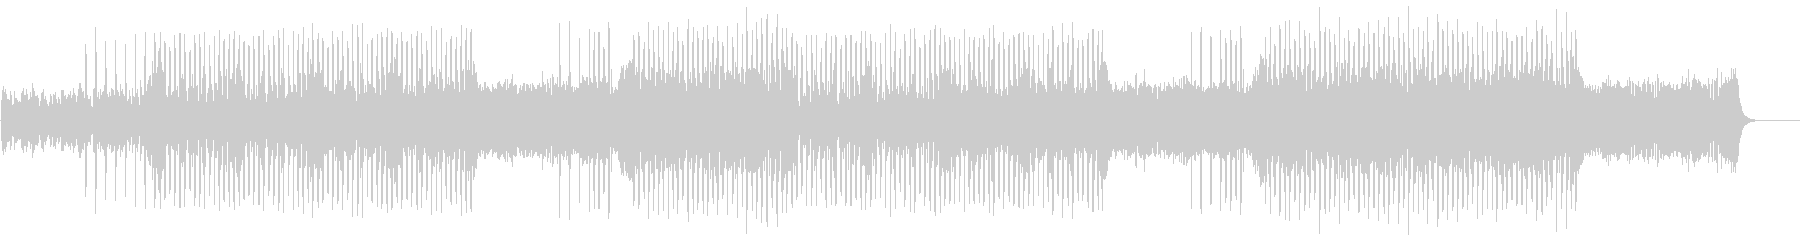 バイオリン・シティポップ風ジングルの未再生の波形